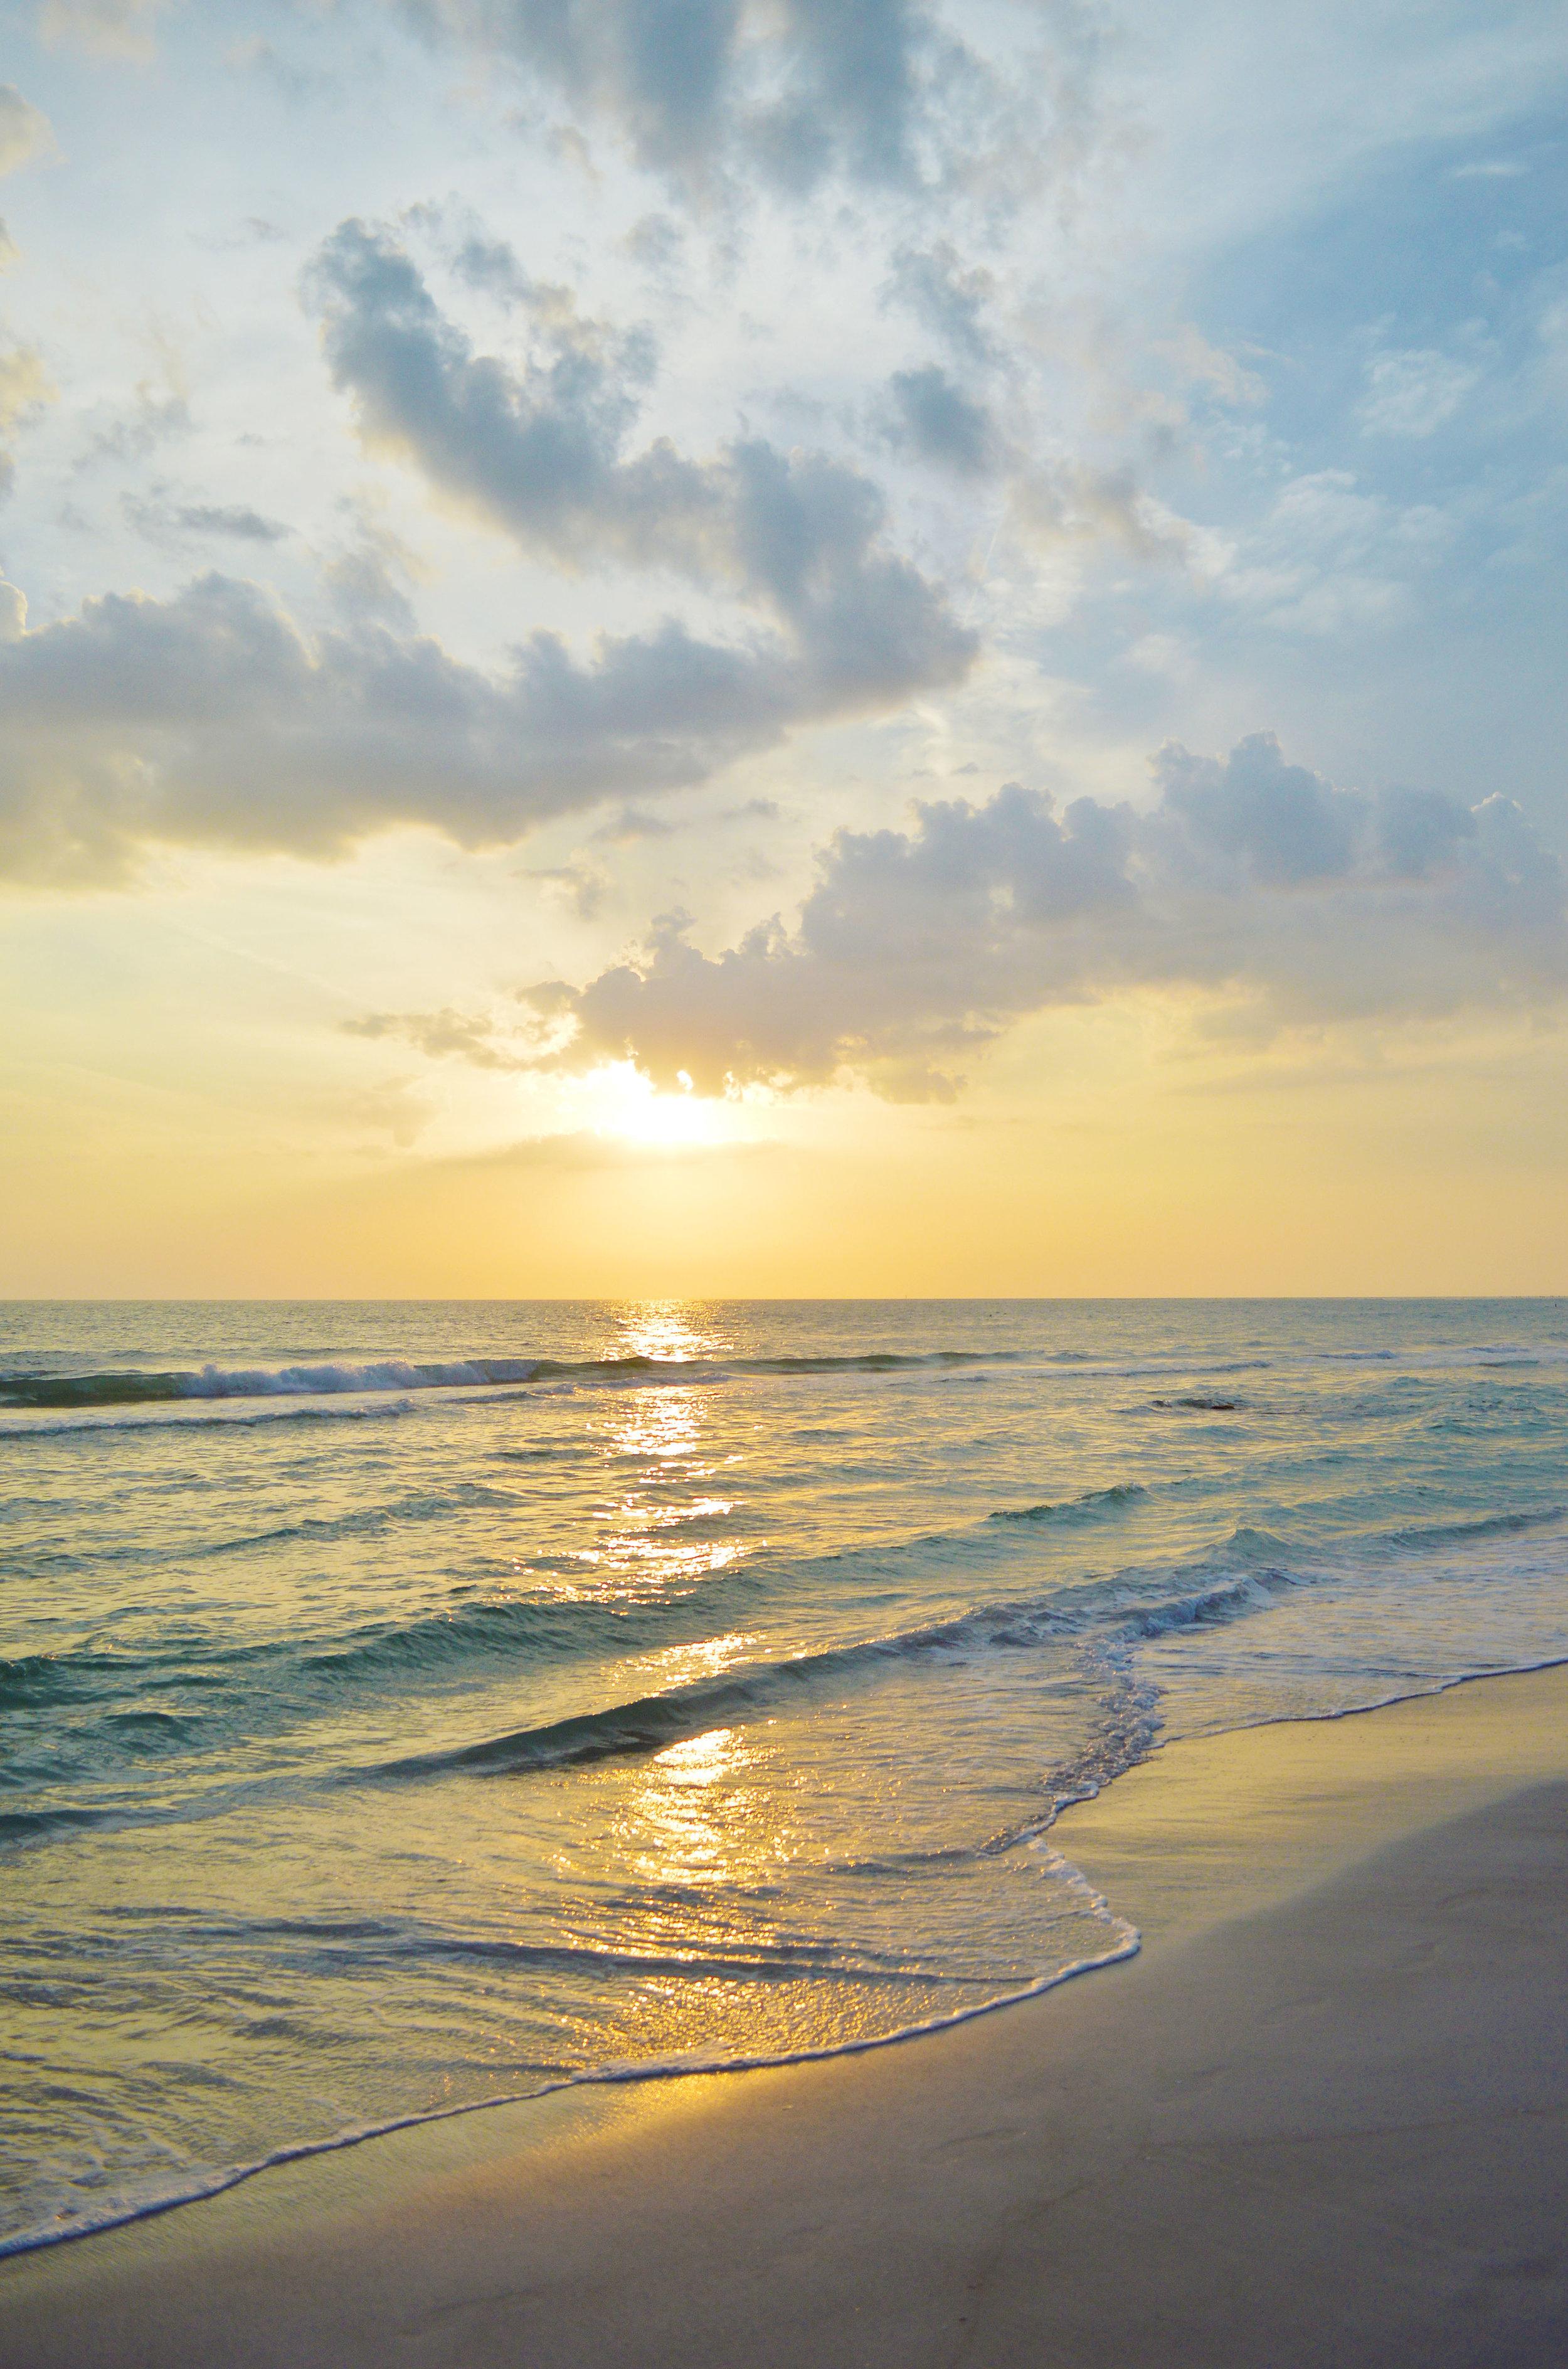 Lido Key Sarasota Florida Beach Sunset Photo by Kristen Laczi